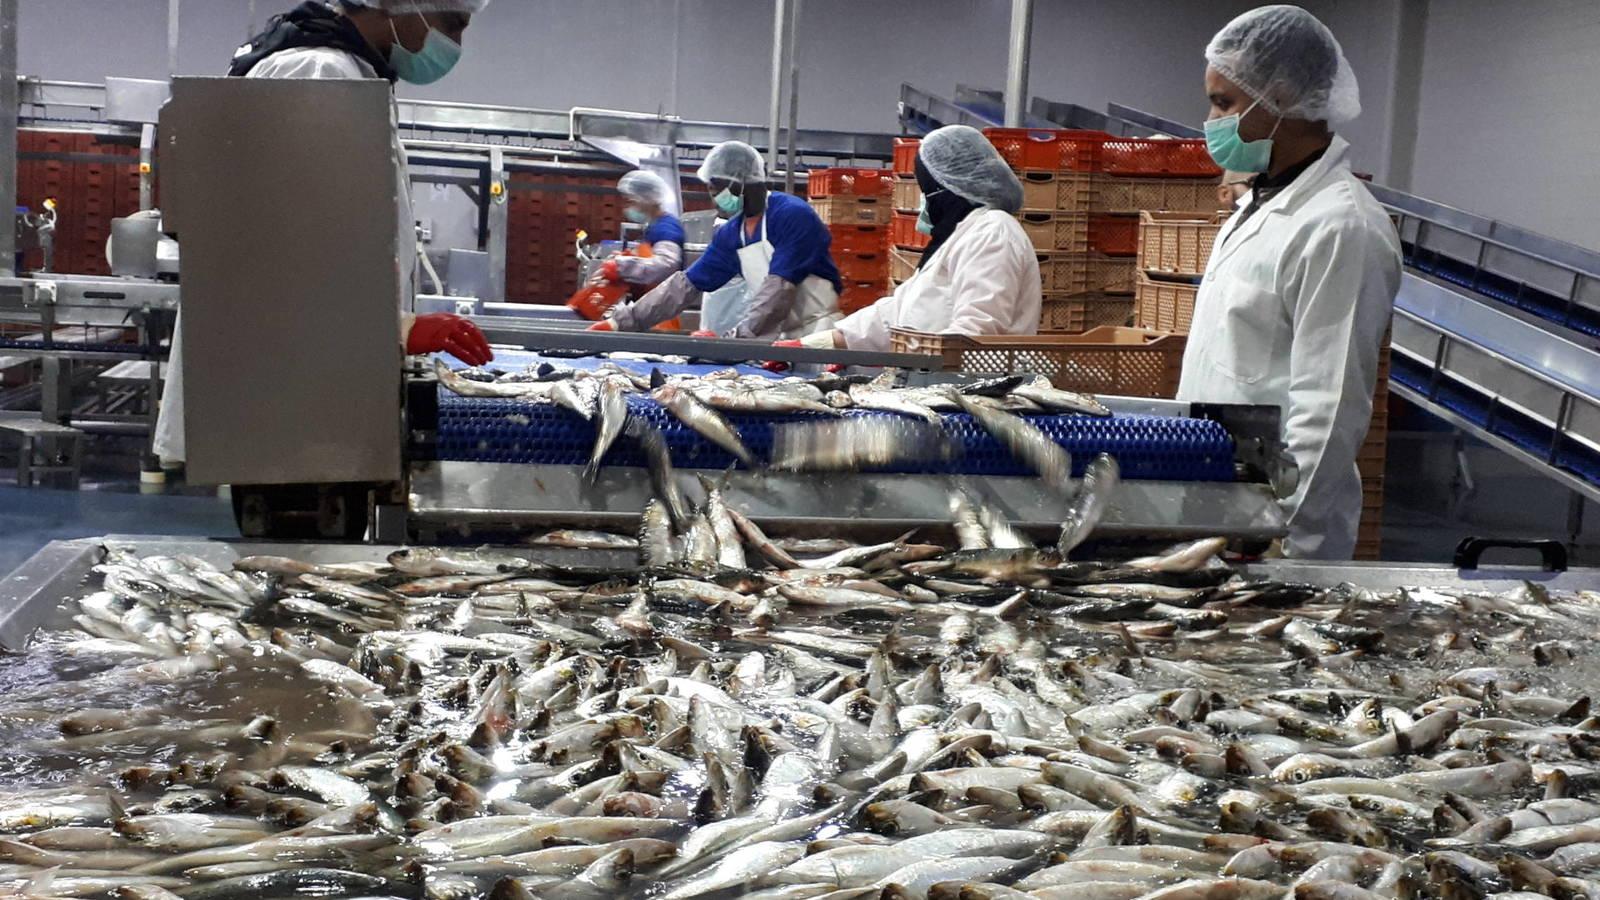 إسبانيا تتلف 24 طن من الأسماك المغربية في ميناء الجزيرة الخضراء للإشتباه في وجود مخدرات !